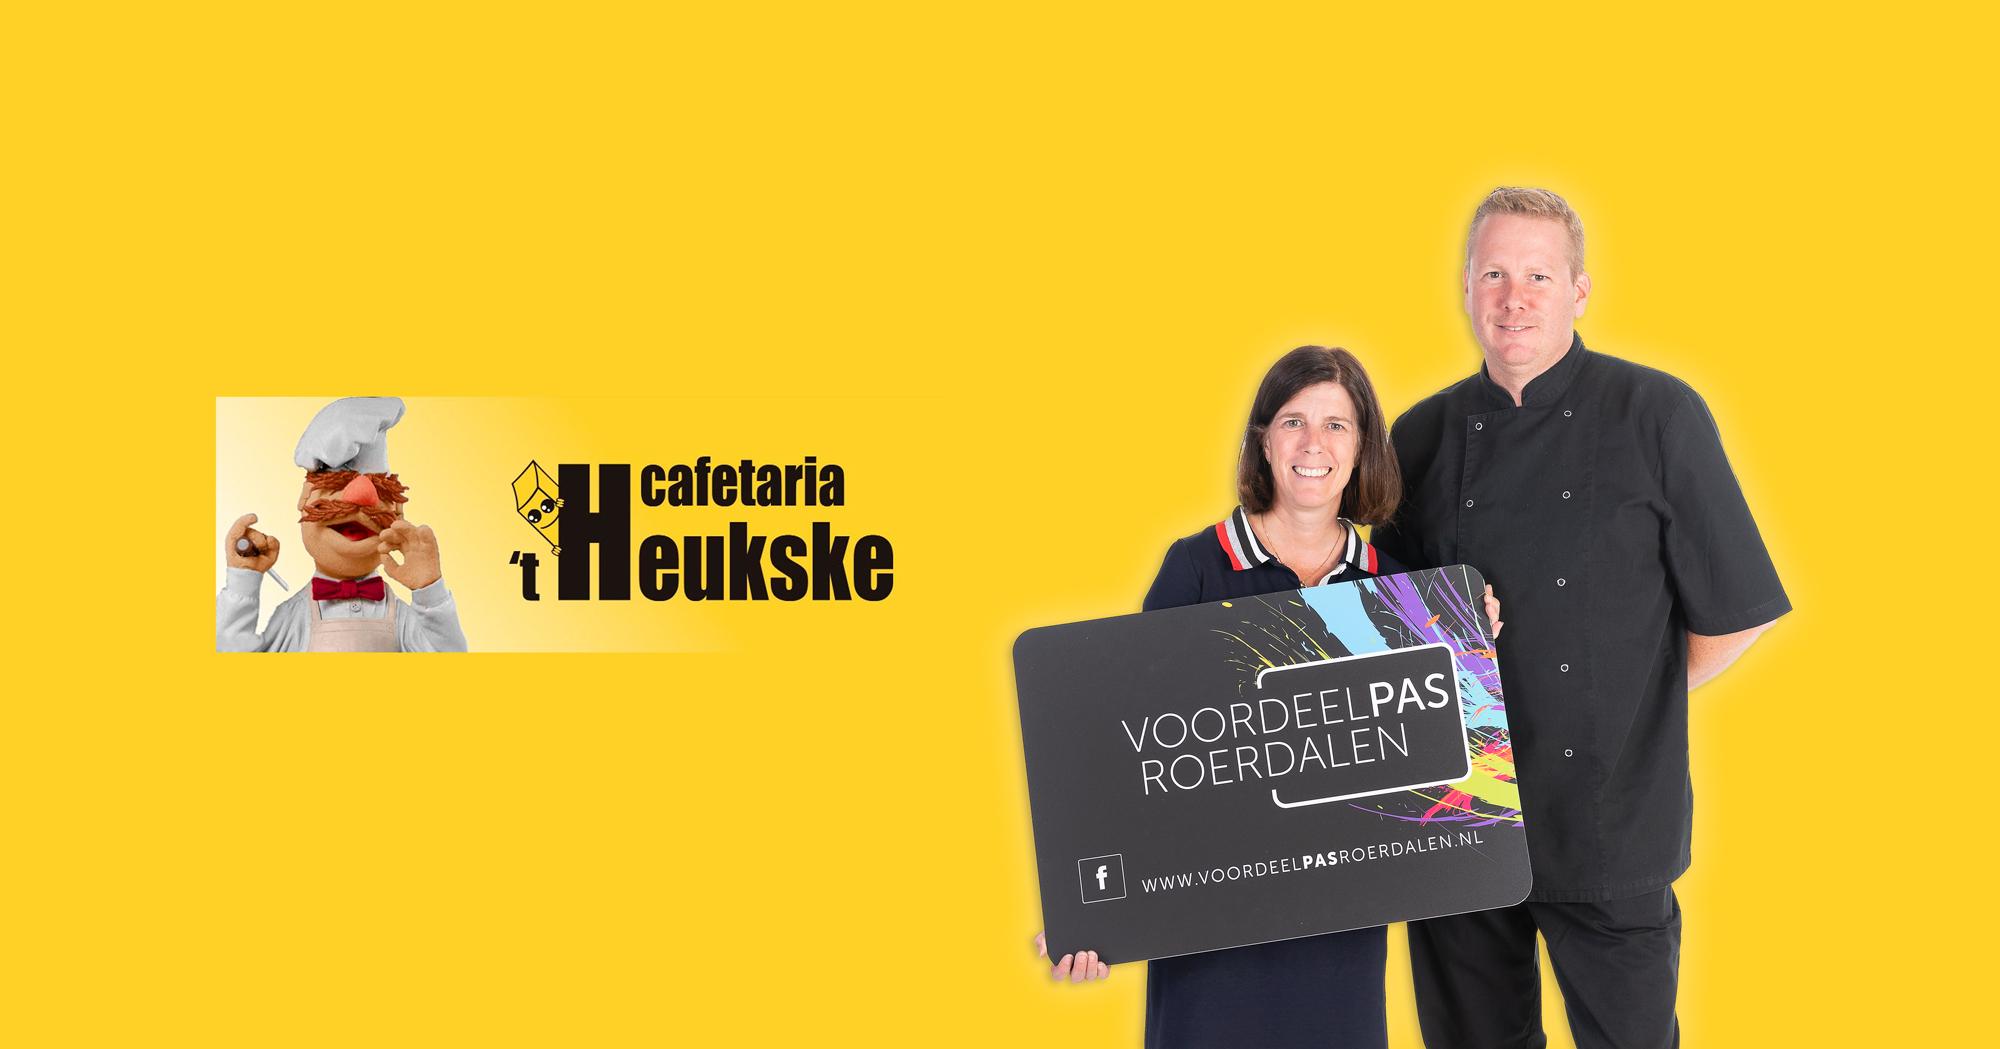 Cafetaria-t-Heukske-voordeelpas-Wide